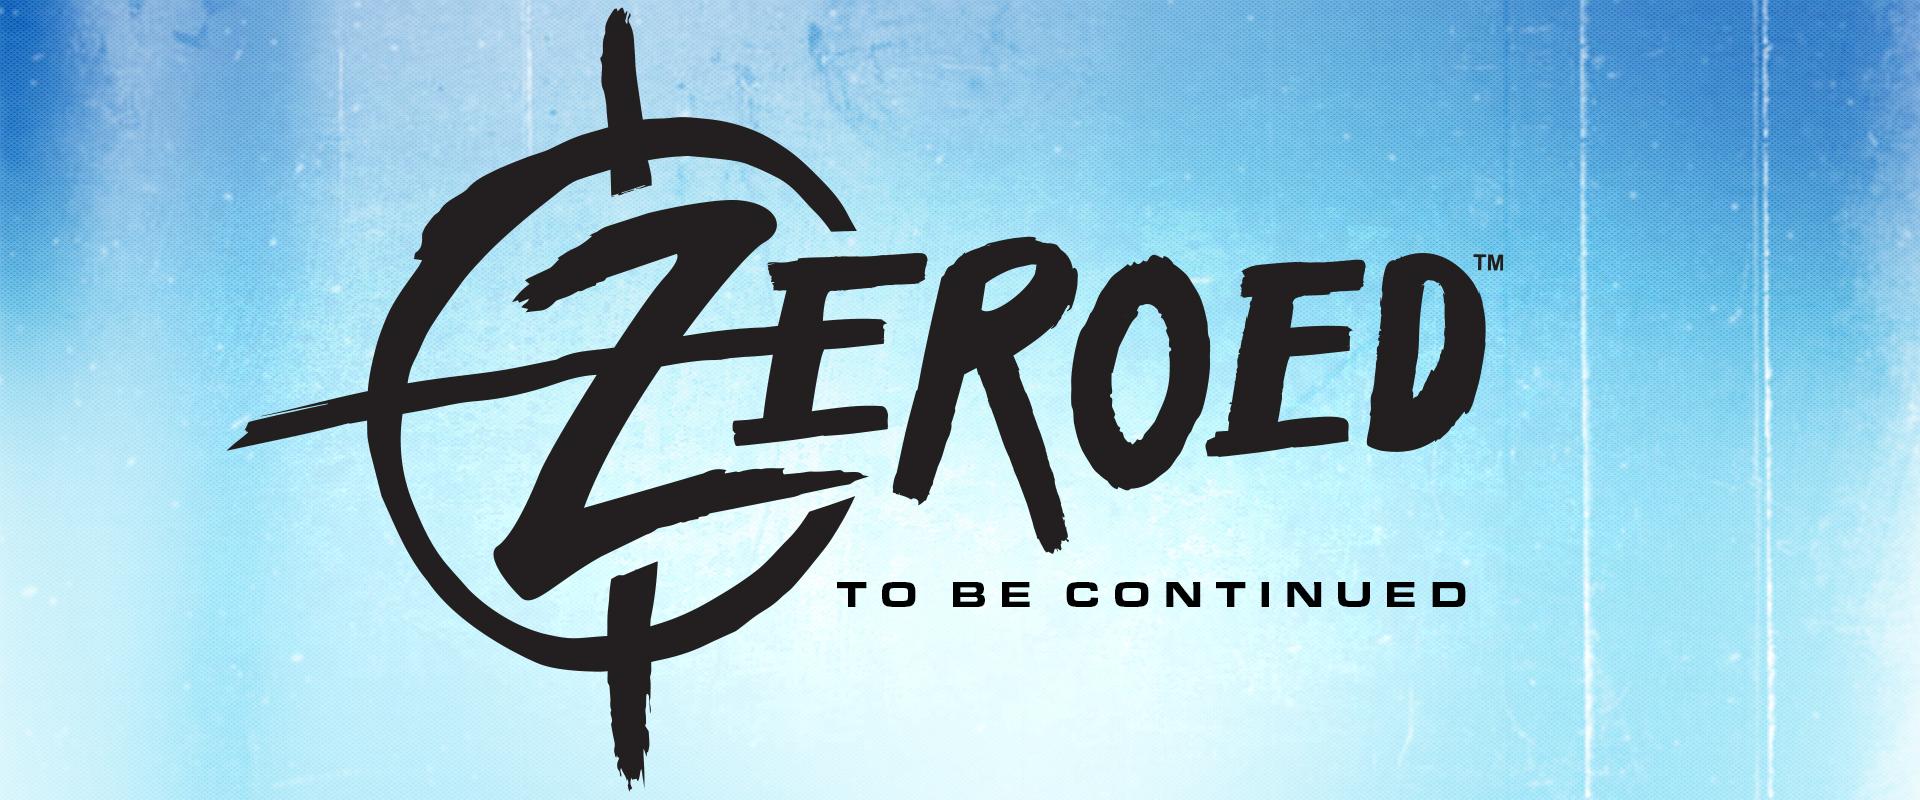 zeroed_tease-1